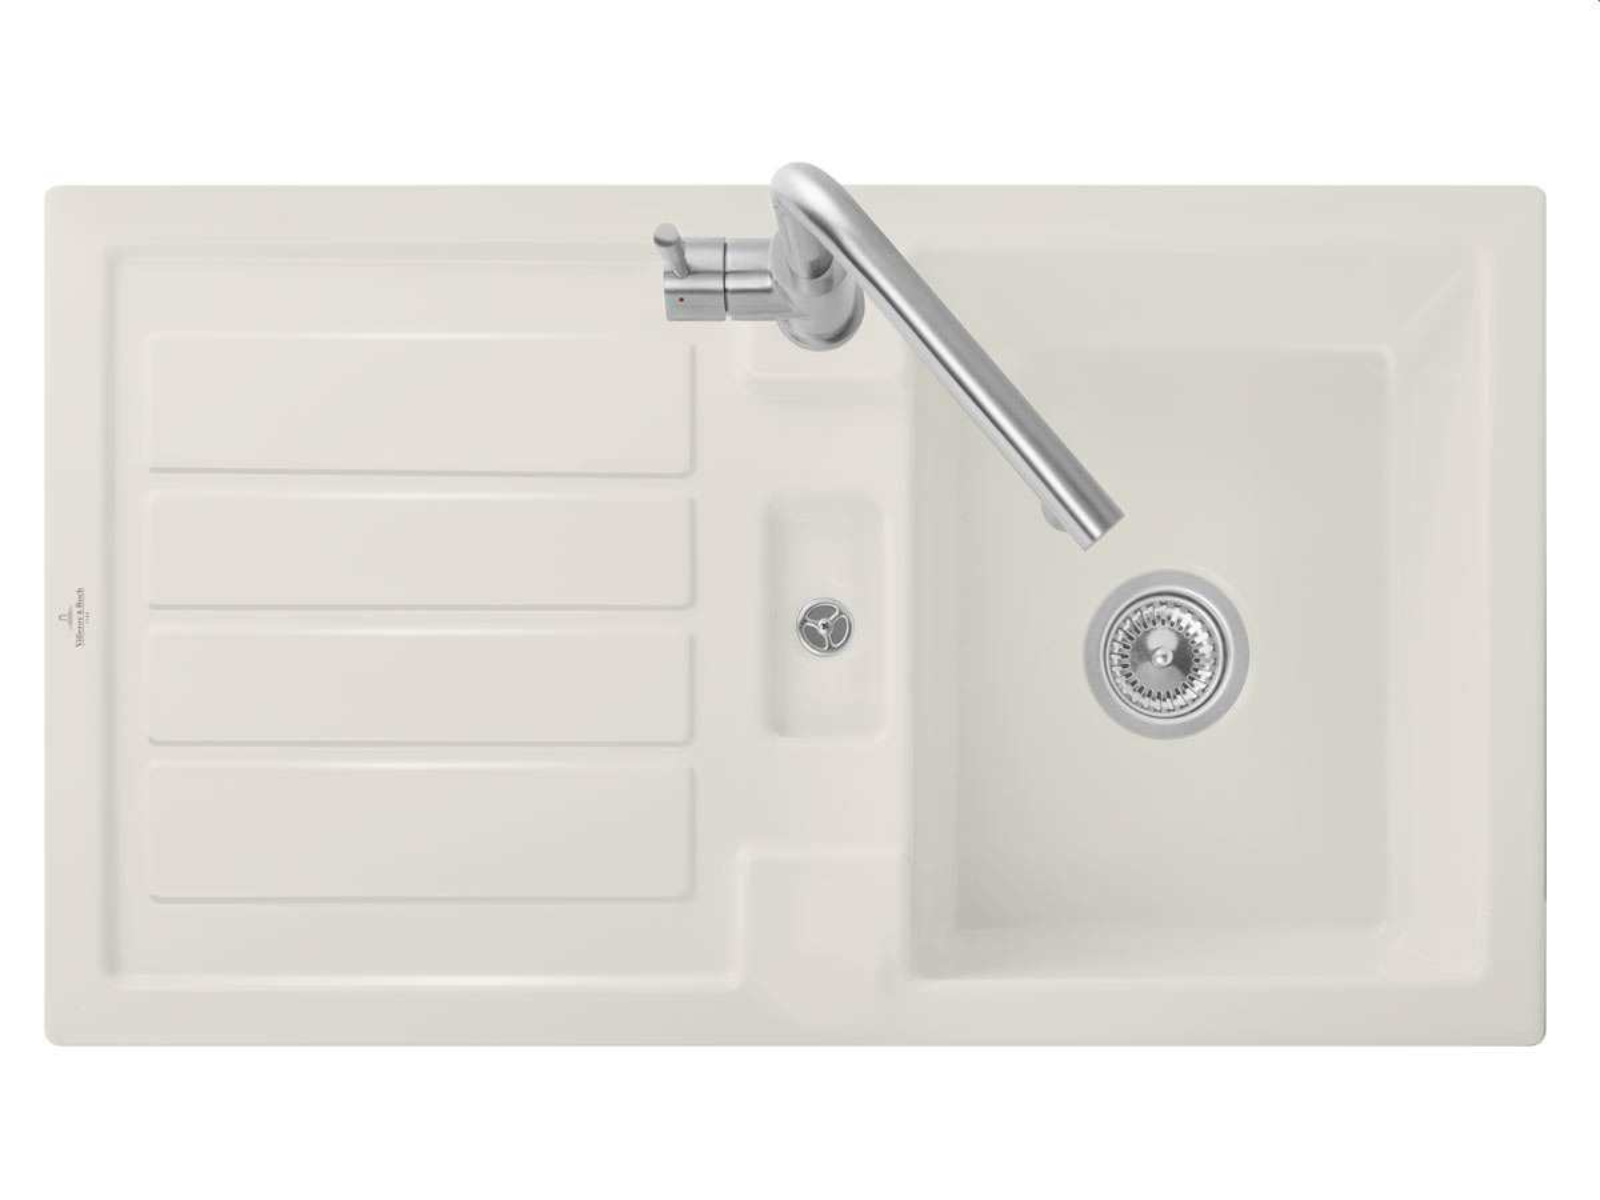 Villeroy & Boch Flavia 50 Crema - 3305 01 KR Keramikspüle Handbetätigung